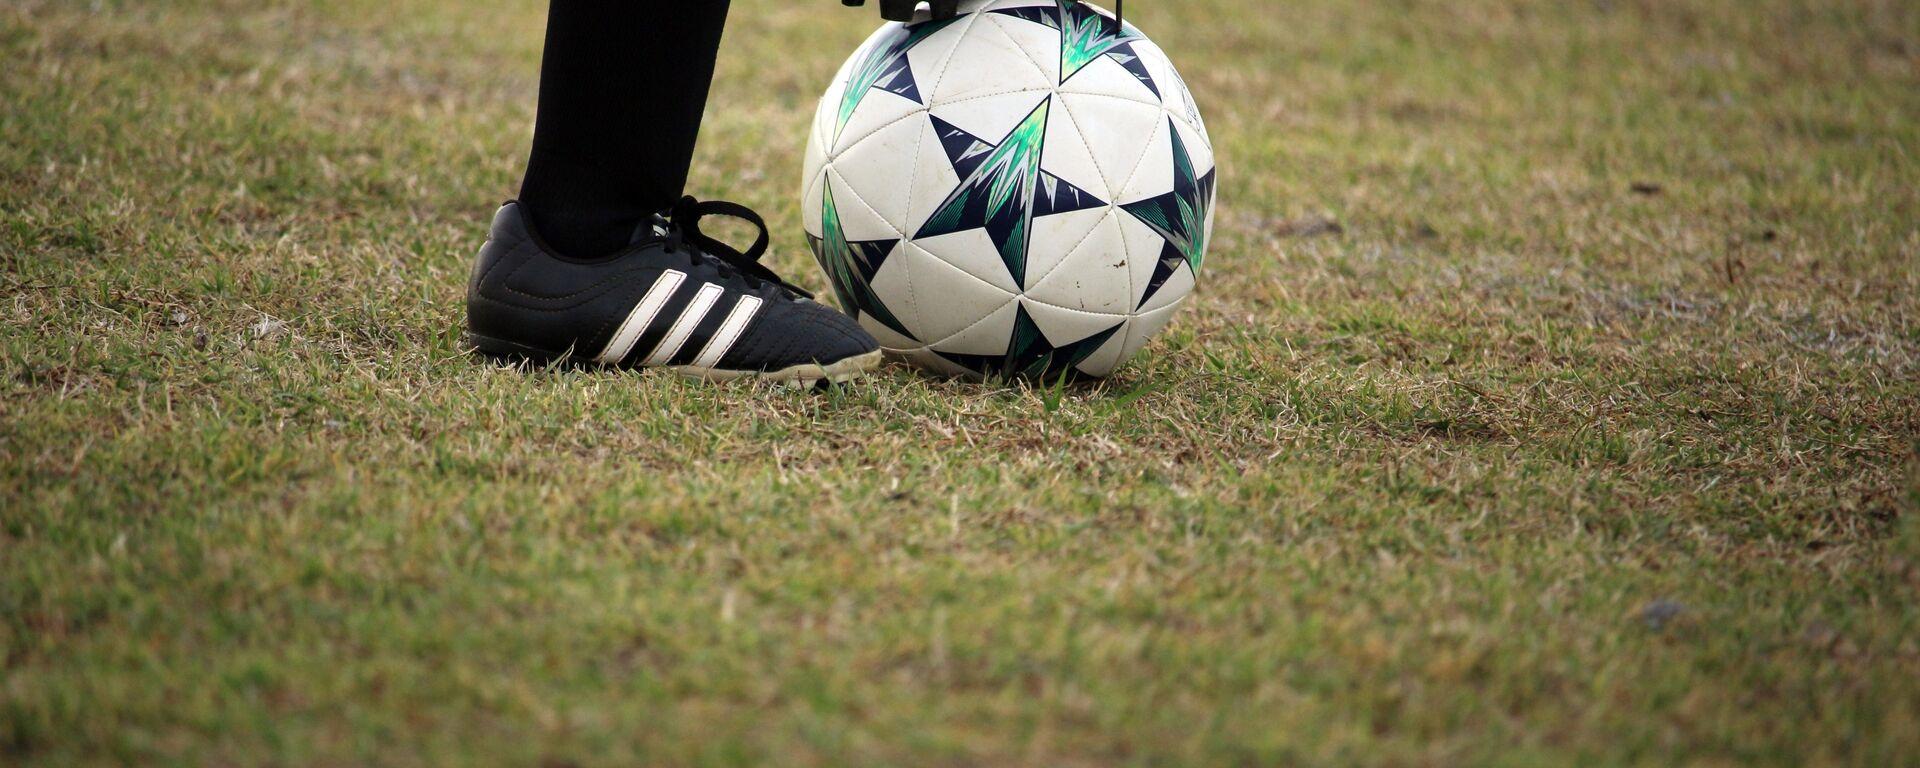 Una pelota de fútbol - Sputnik Mundo, 1920, 23.03.2021